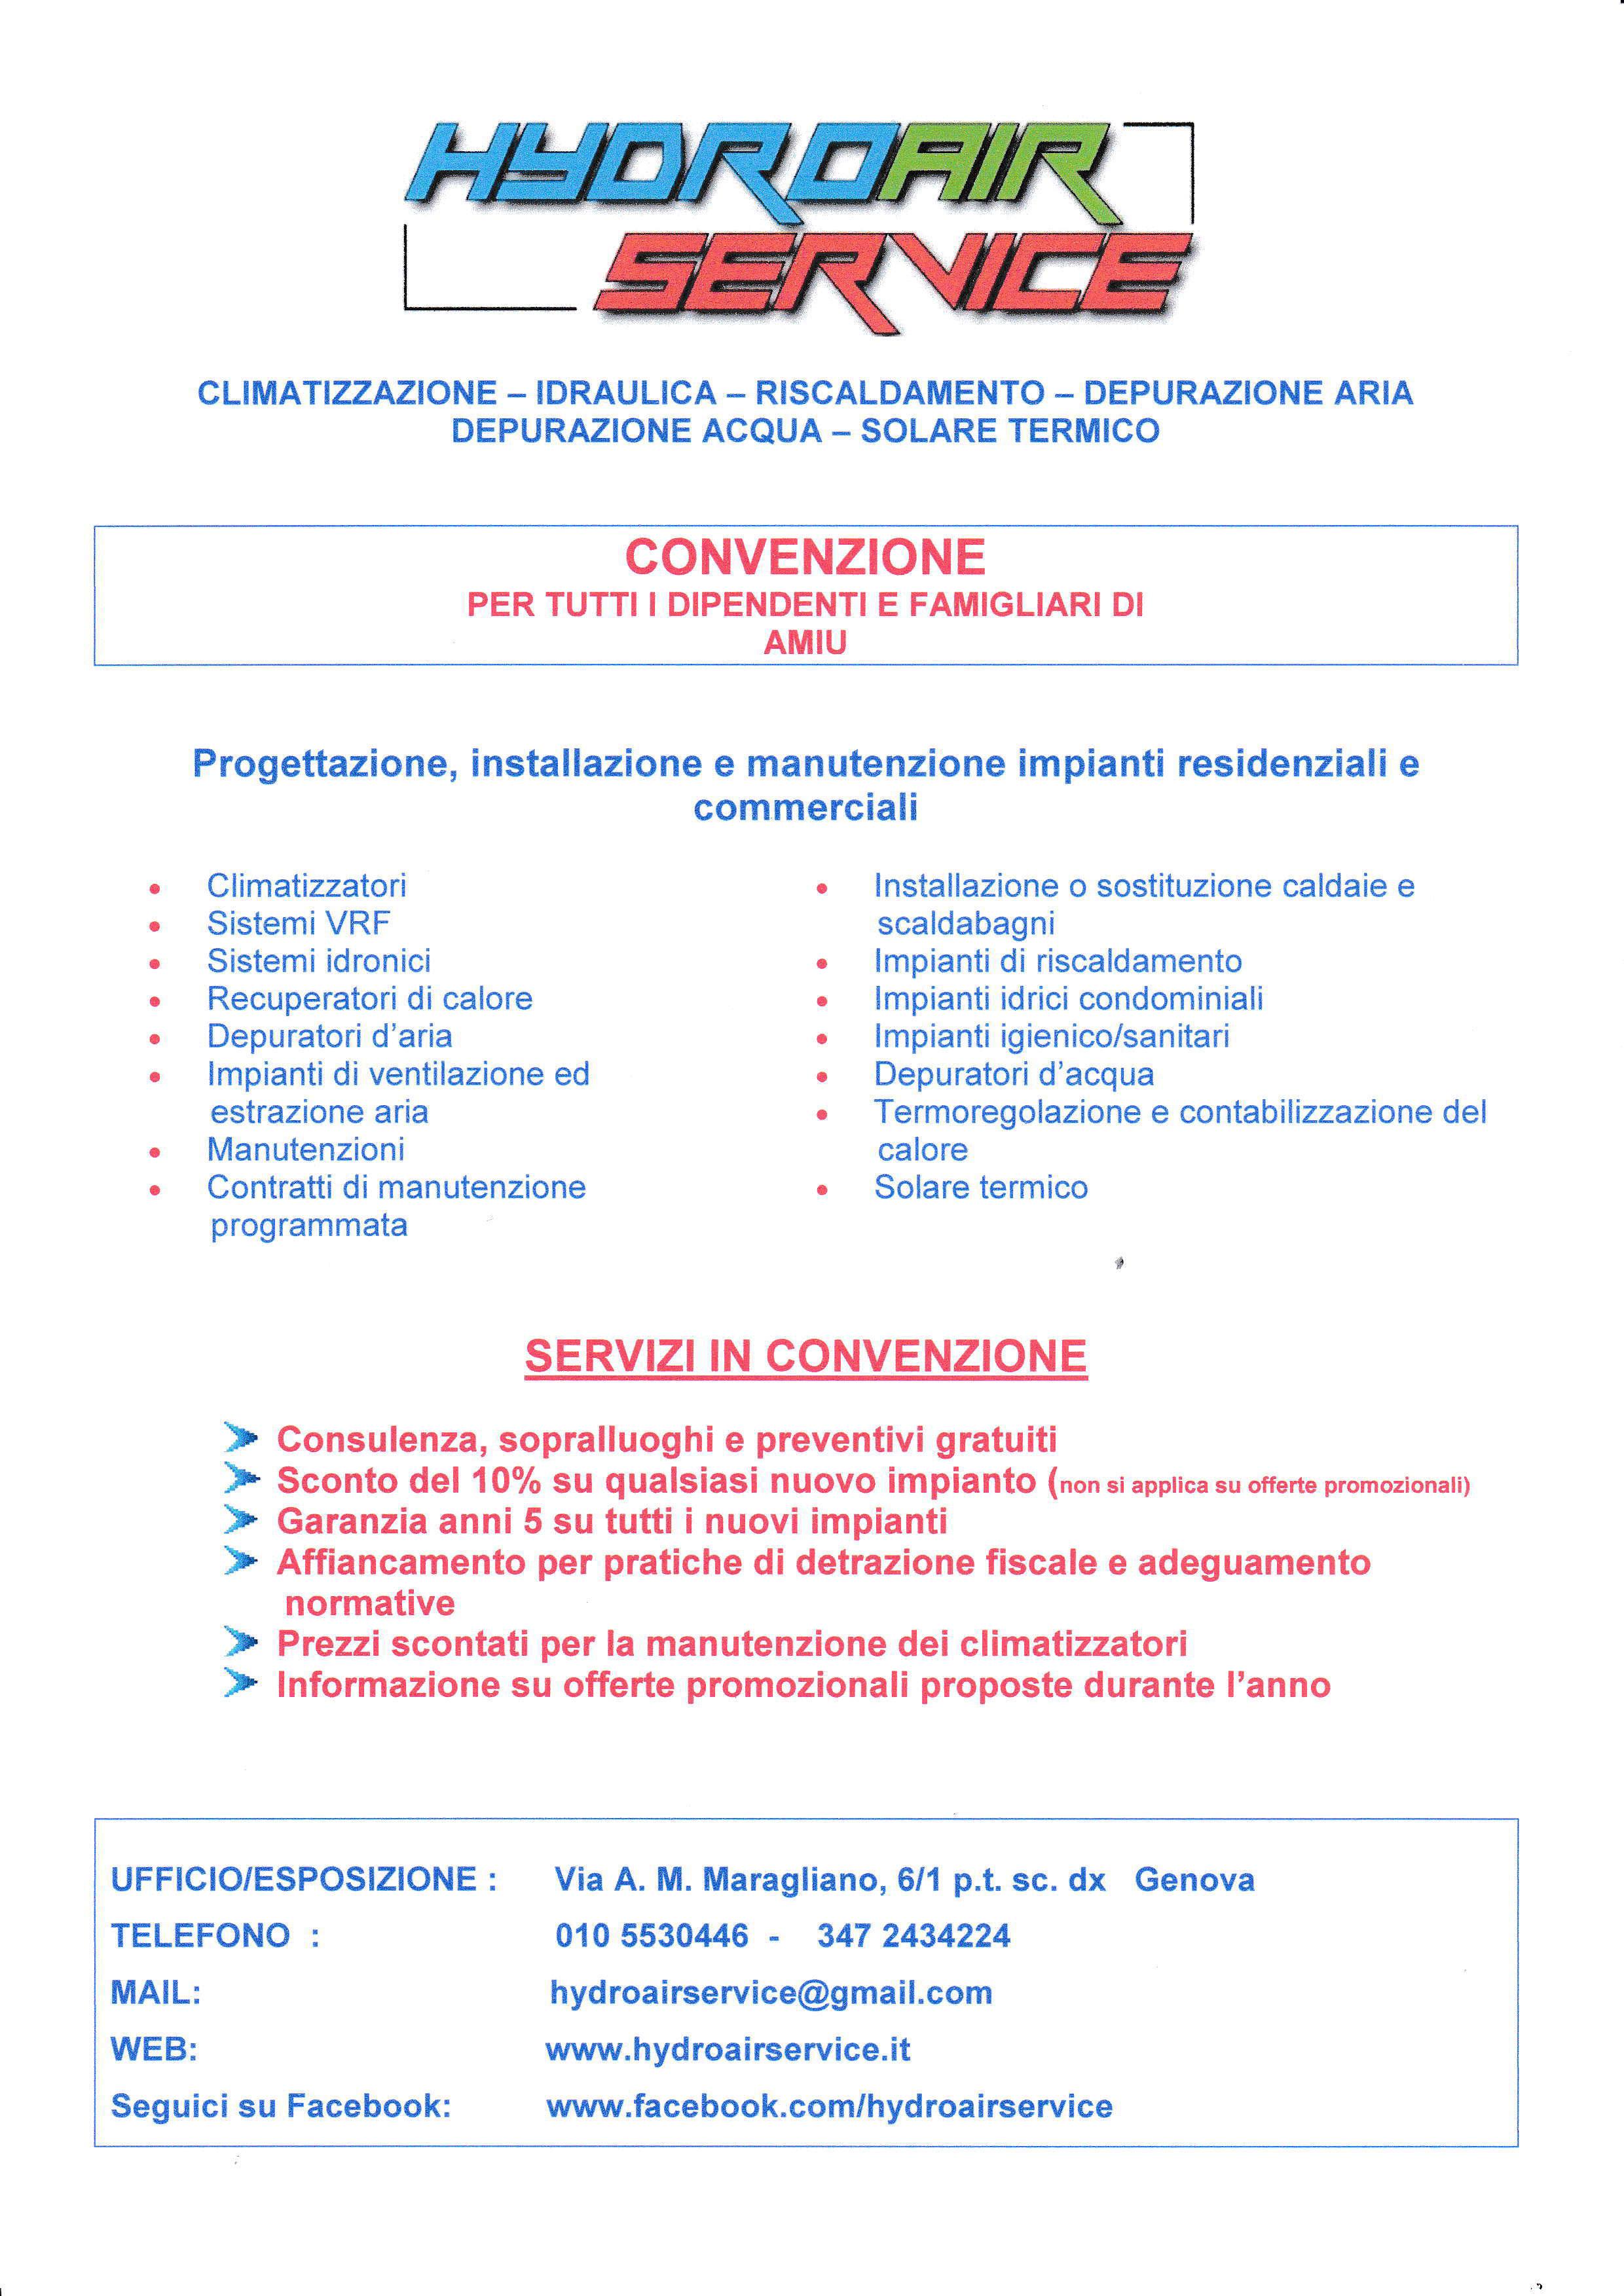 Volantino convenzione hydroair service